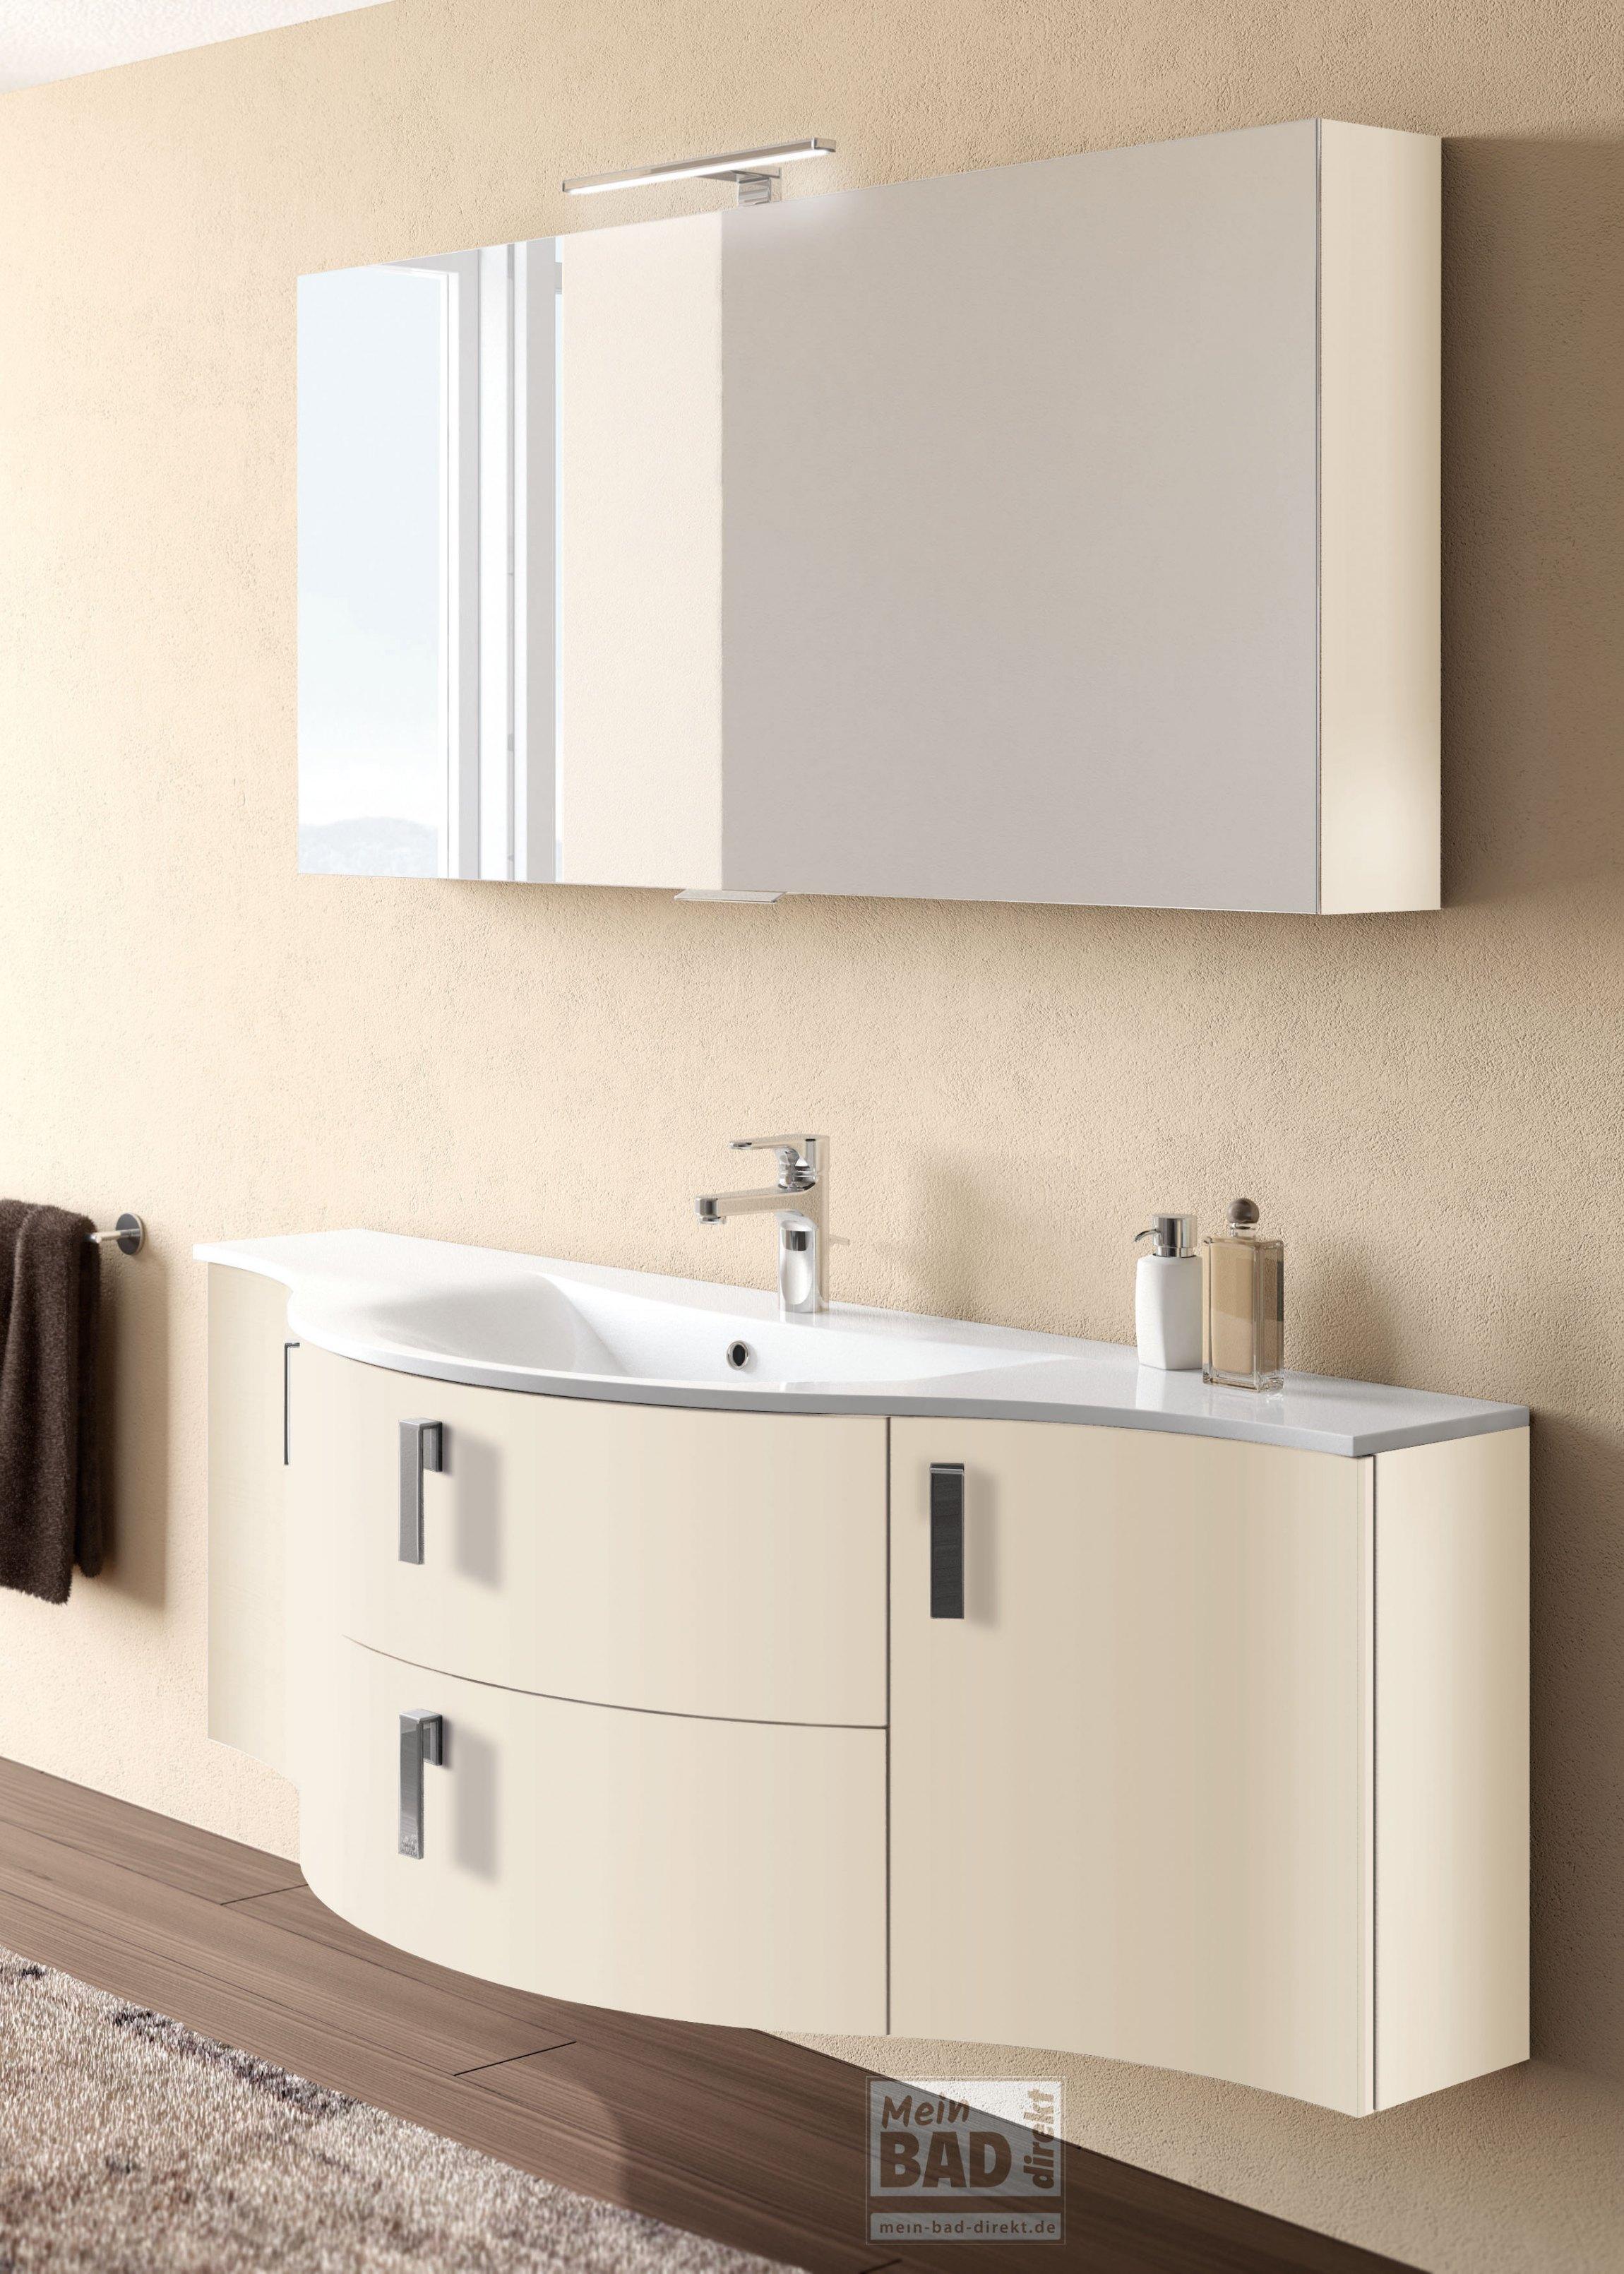 Badezimmermöbel konkav gerundet